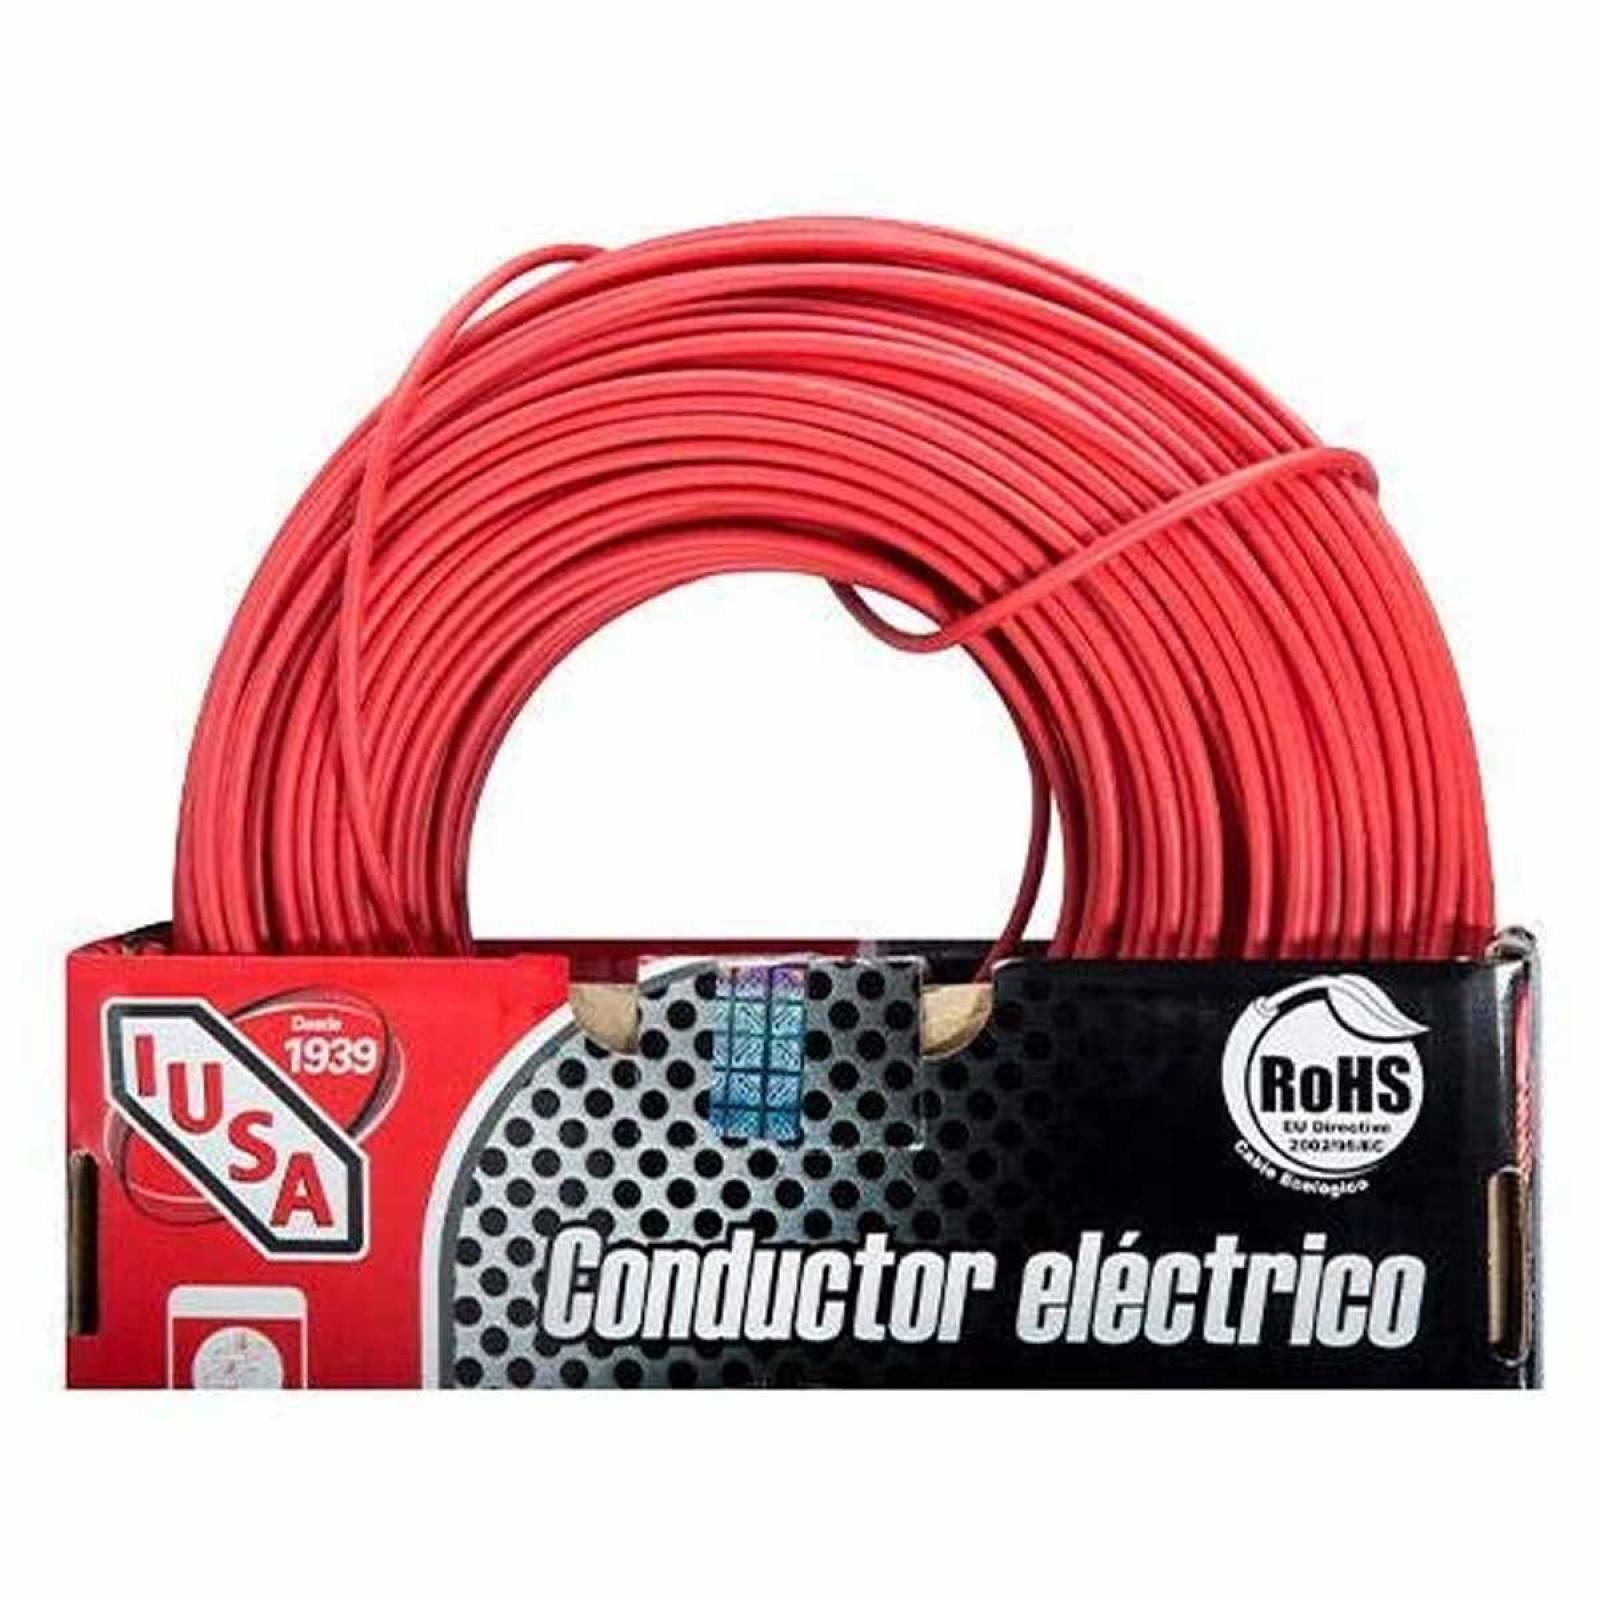 Cable De Cobre Con Aislamiento Rojo 12 Awg 100 M 399330 Iusa